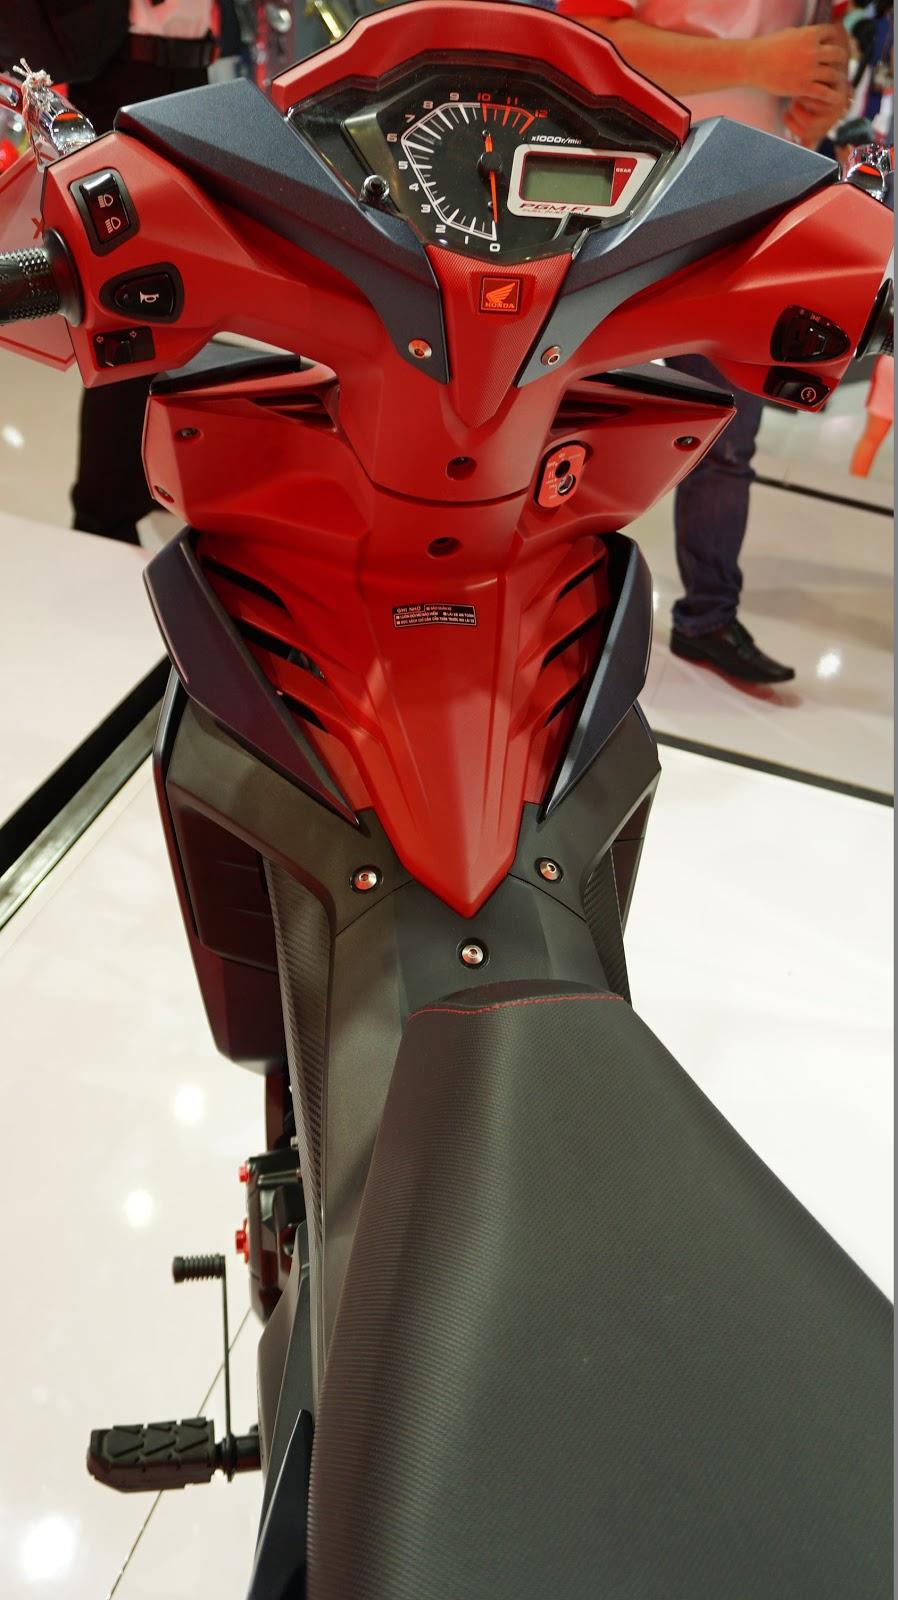 Bảng điều khiển của Honda Winner 150 khá đơn điệu